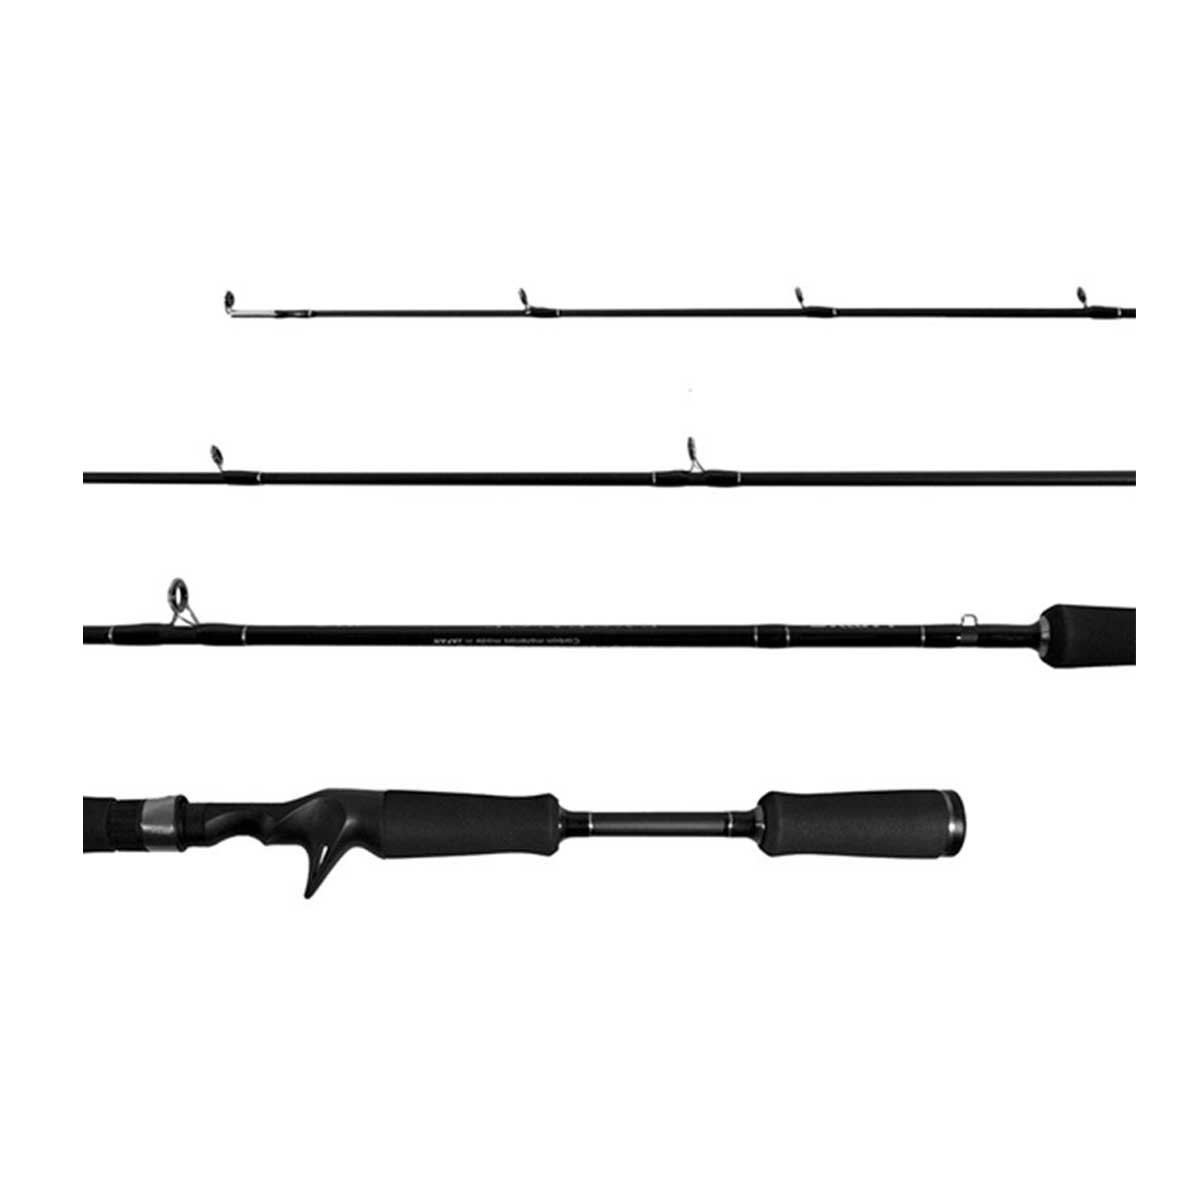 Vara Lumis Exsence p/ Carretilha 2,10 m 40 lbs (2 Partes)  - Pró Pesca Shop